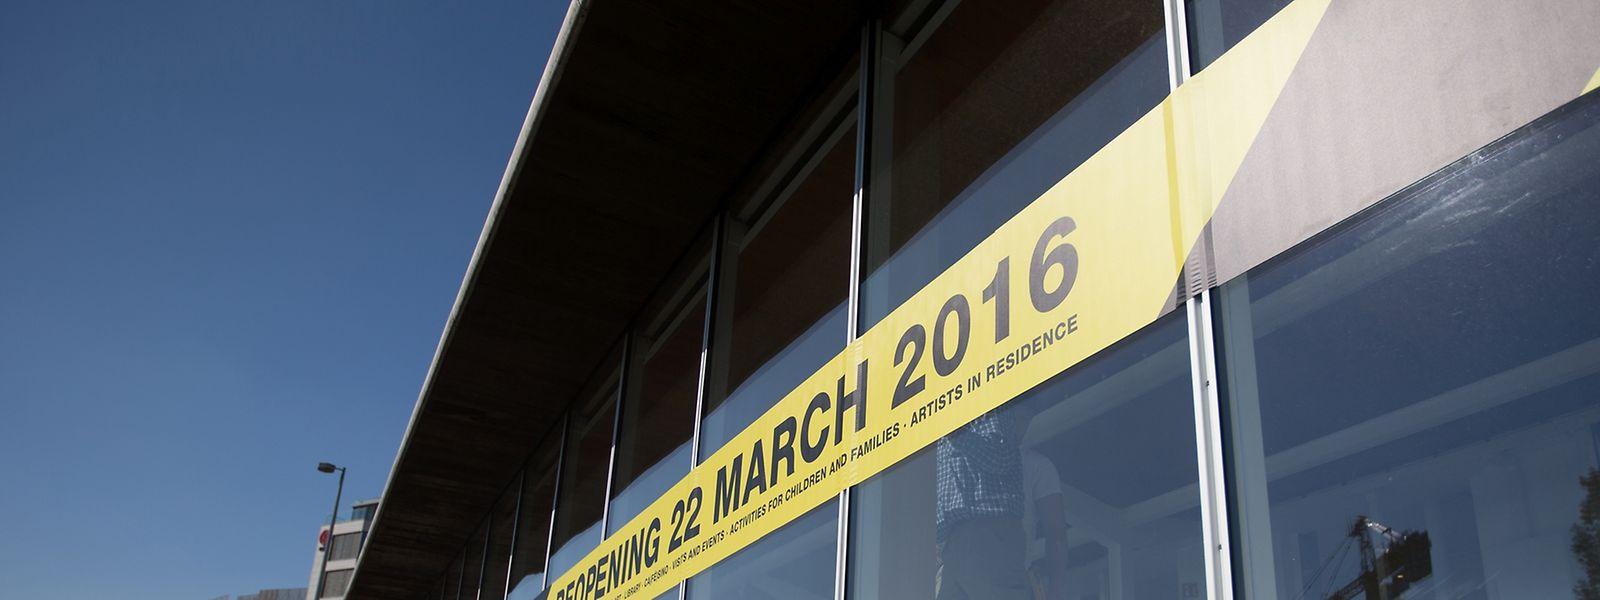 Neueröffnung des Casino Luxembourg am Dienstagabend.